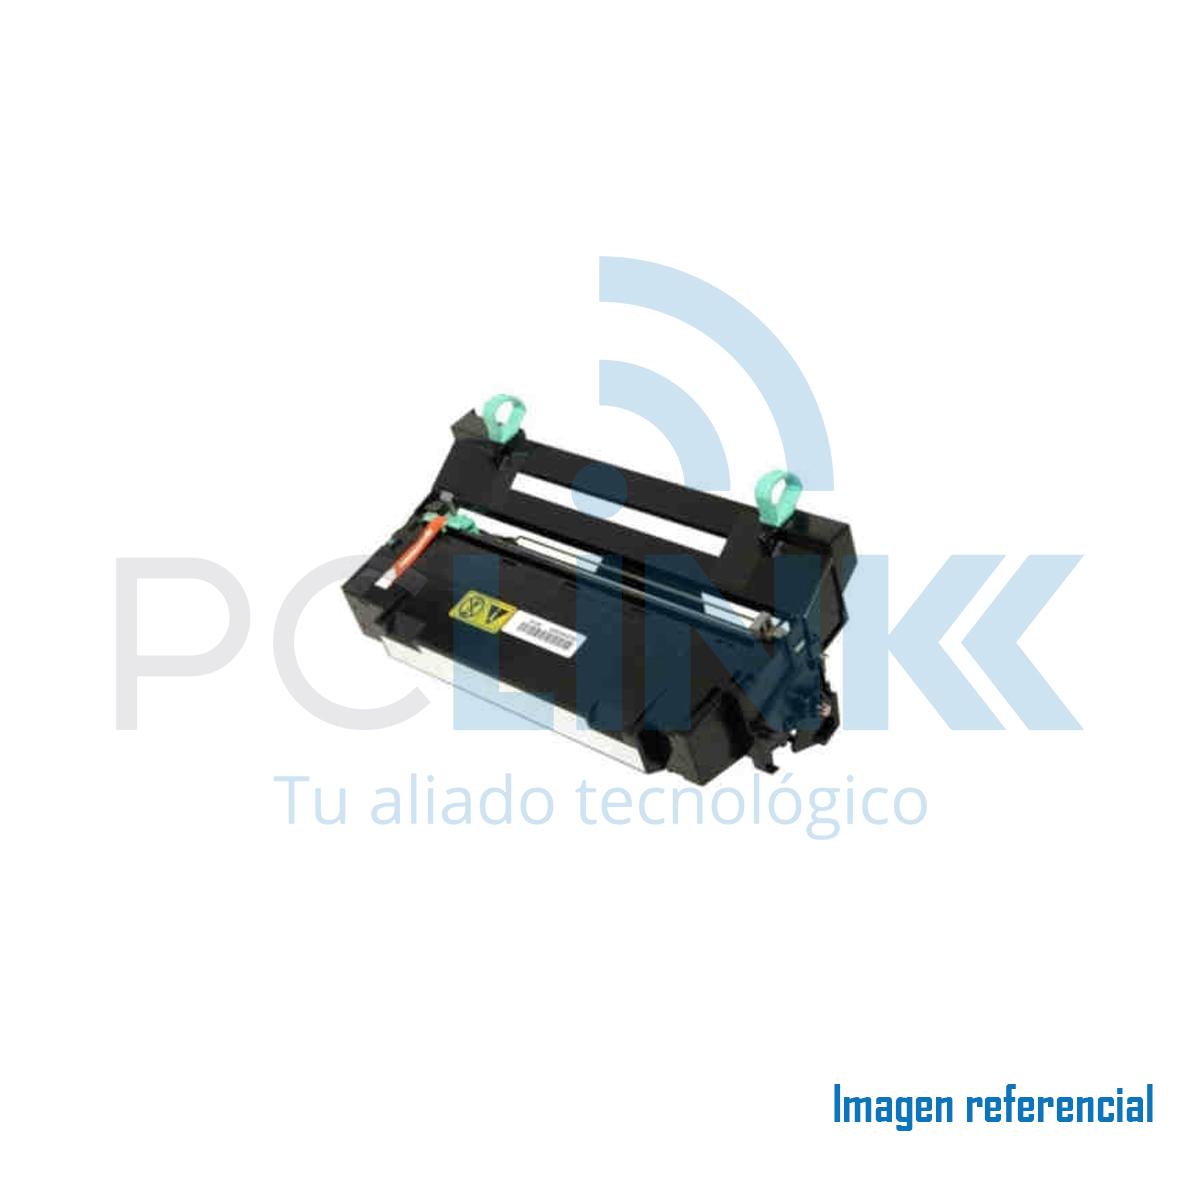 UNIDAD DE CILINDRO DK-150 PARA